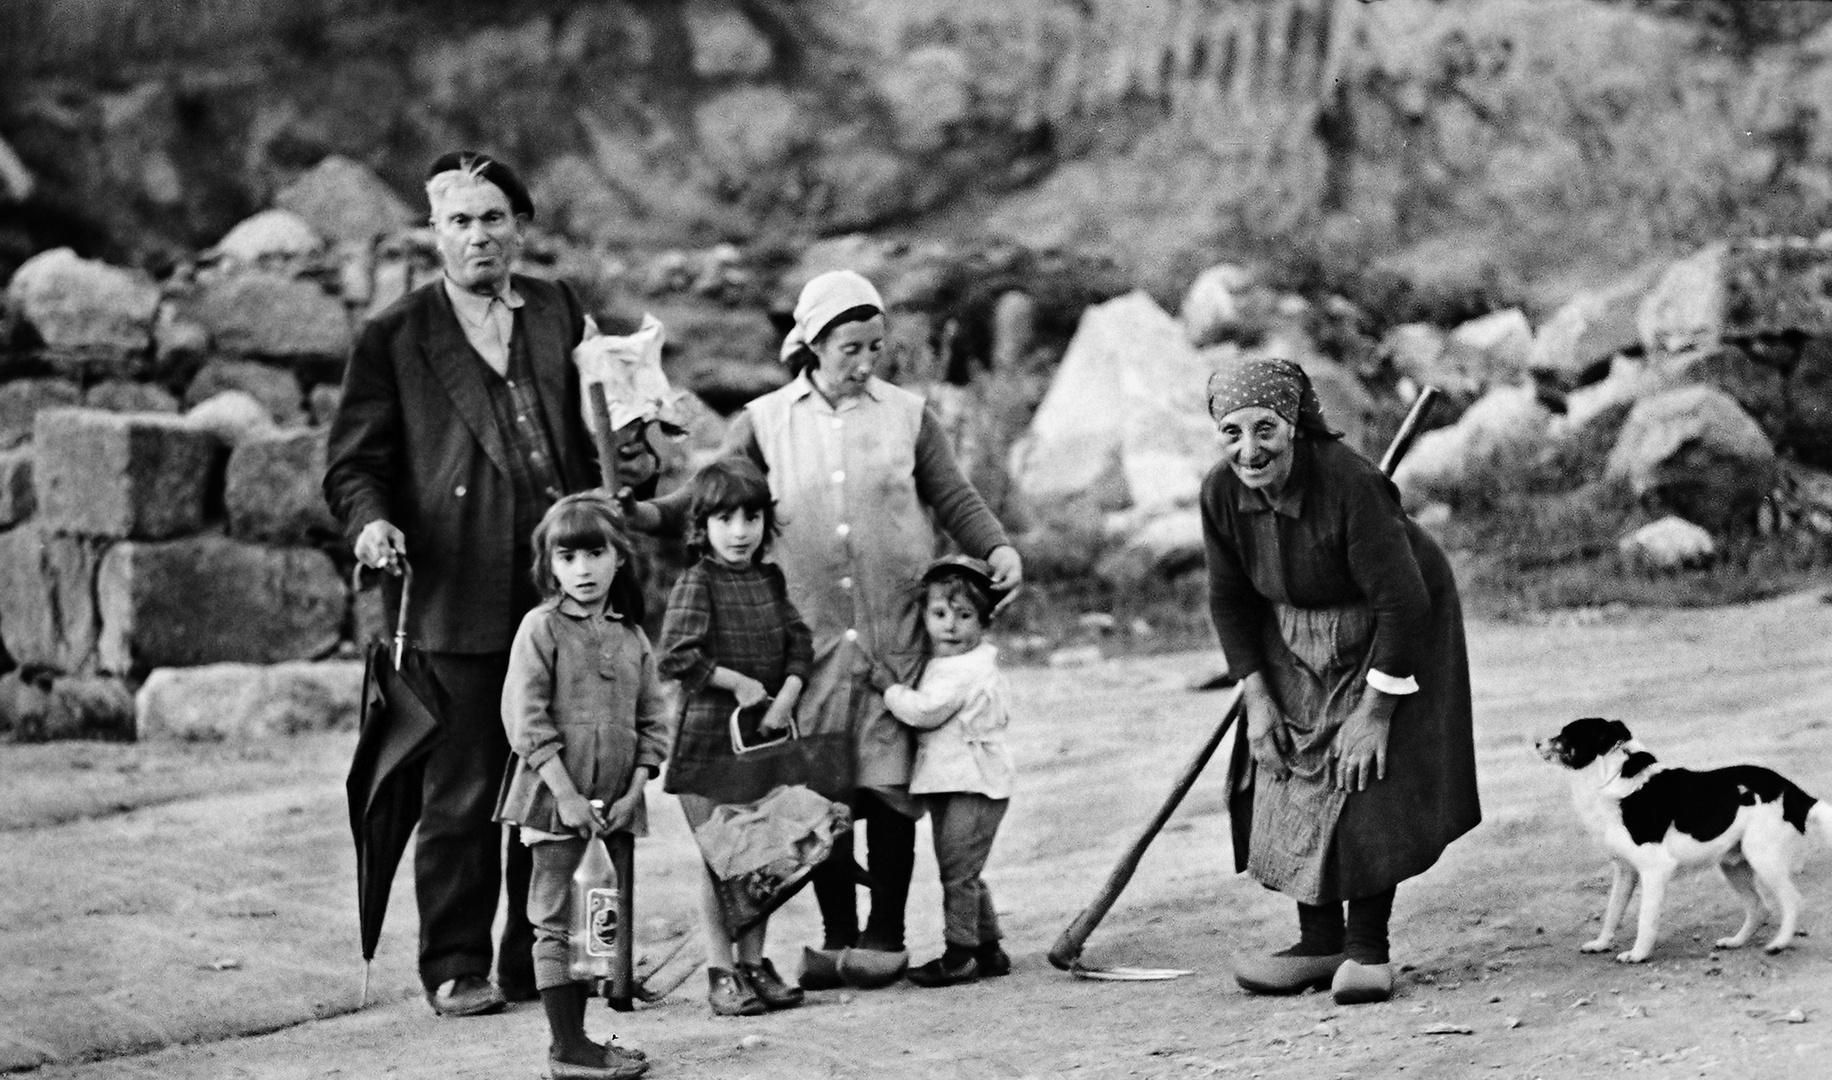 Año 1.968 - FAMILIA CON PERRO